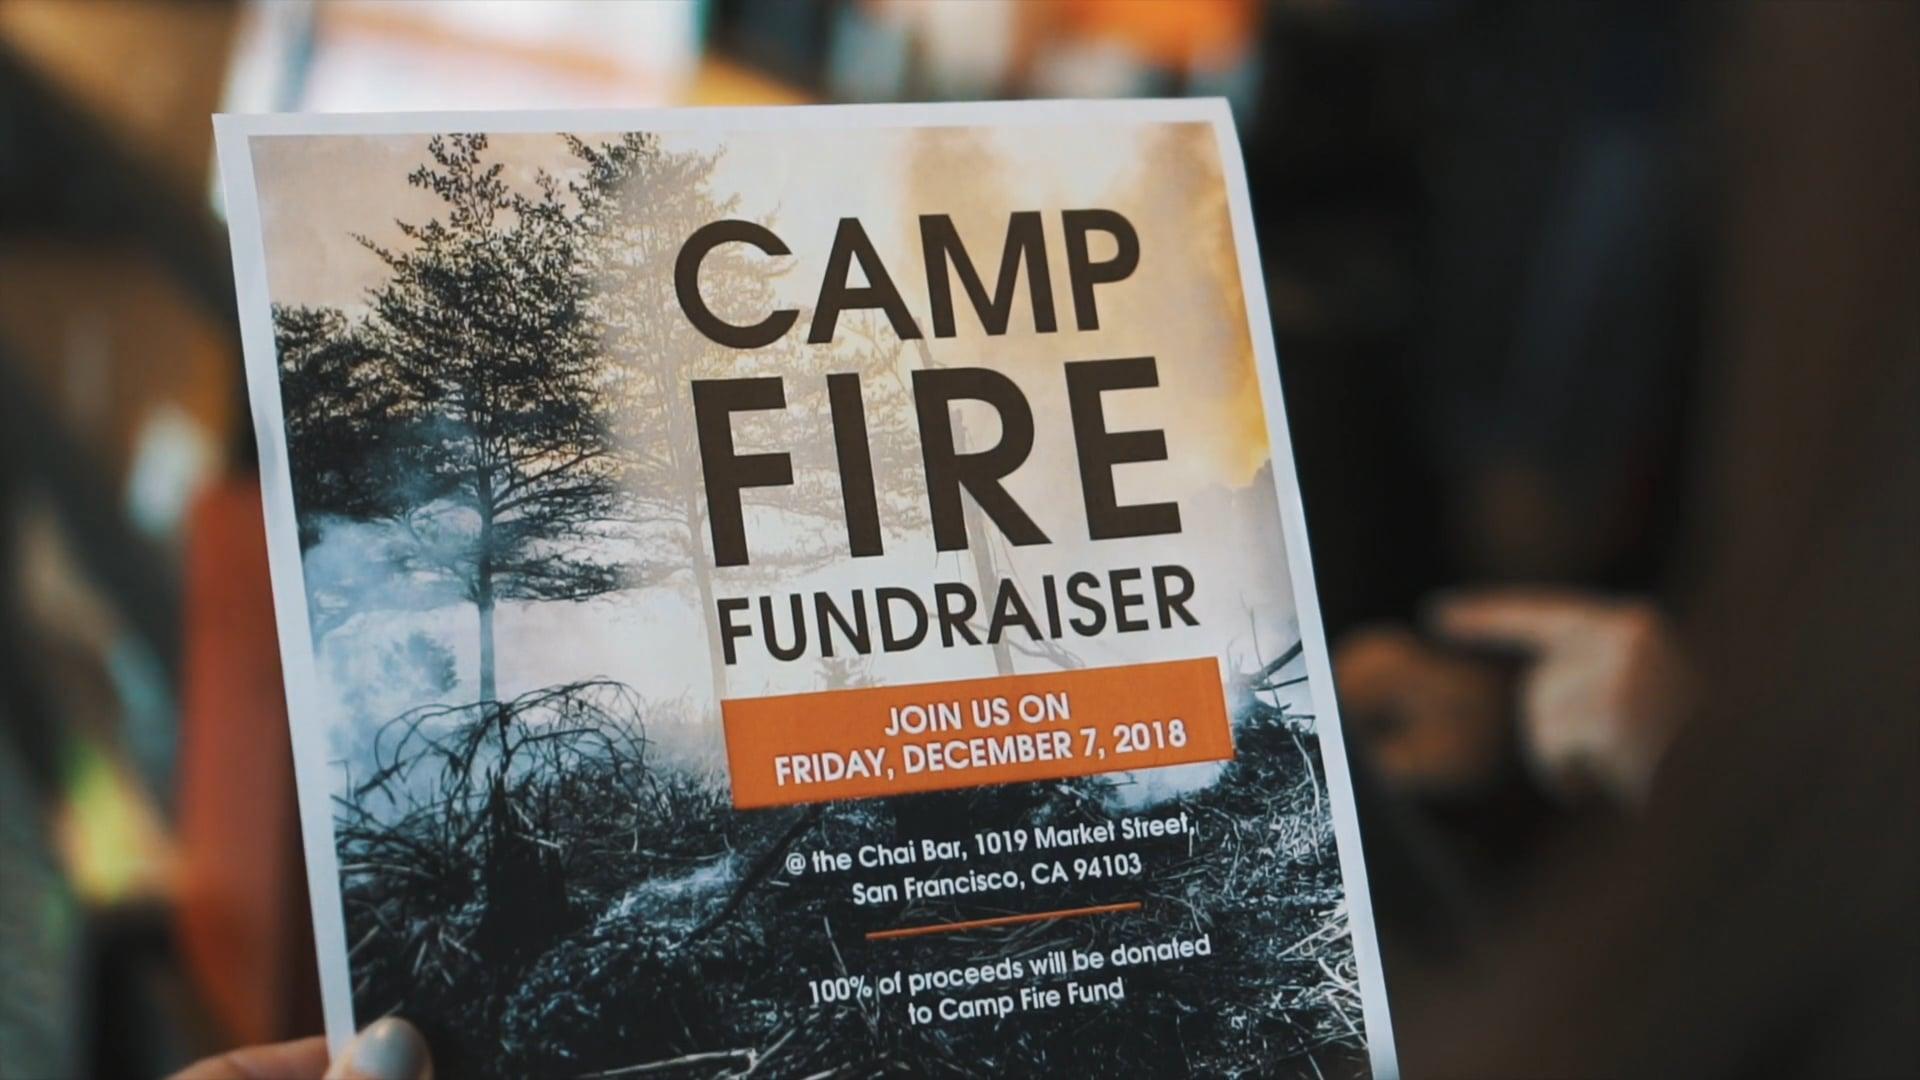 Camp Fire Fundraiser   Chai Bar SF + IFAW